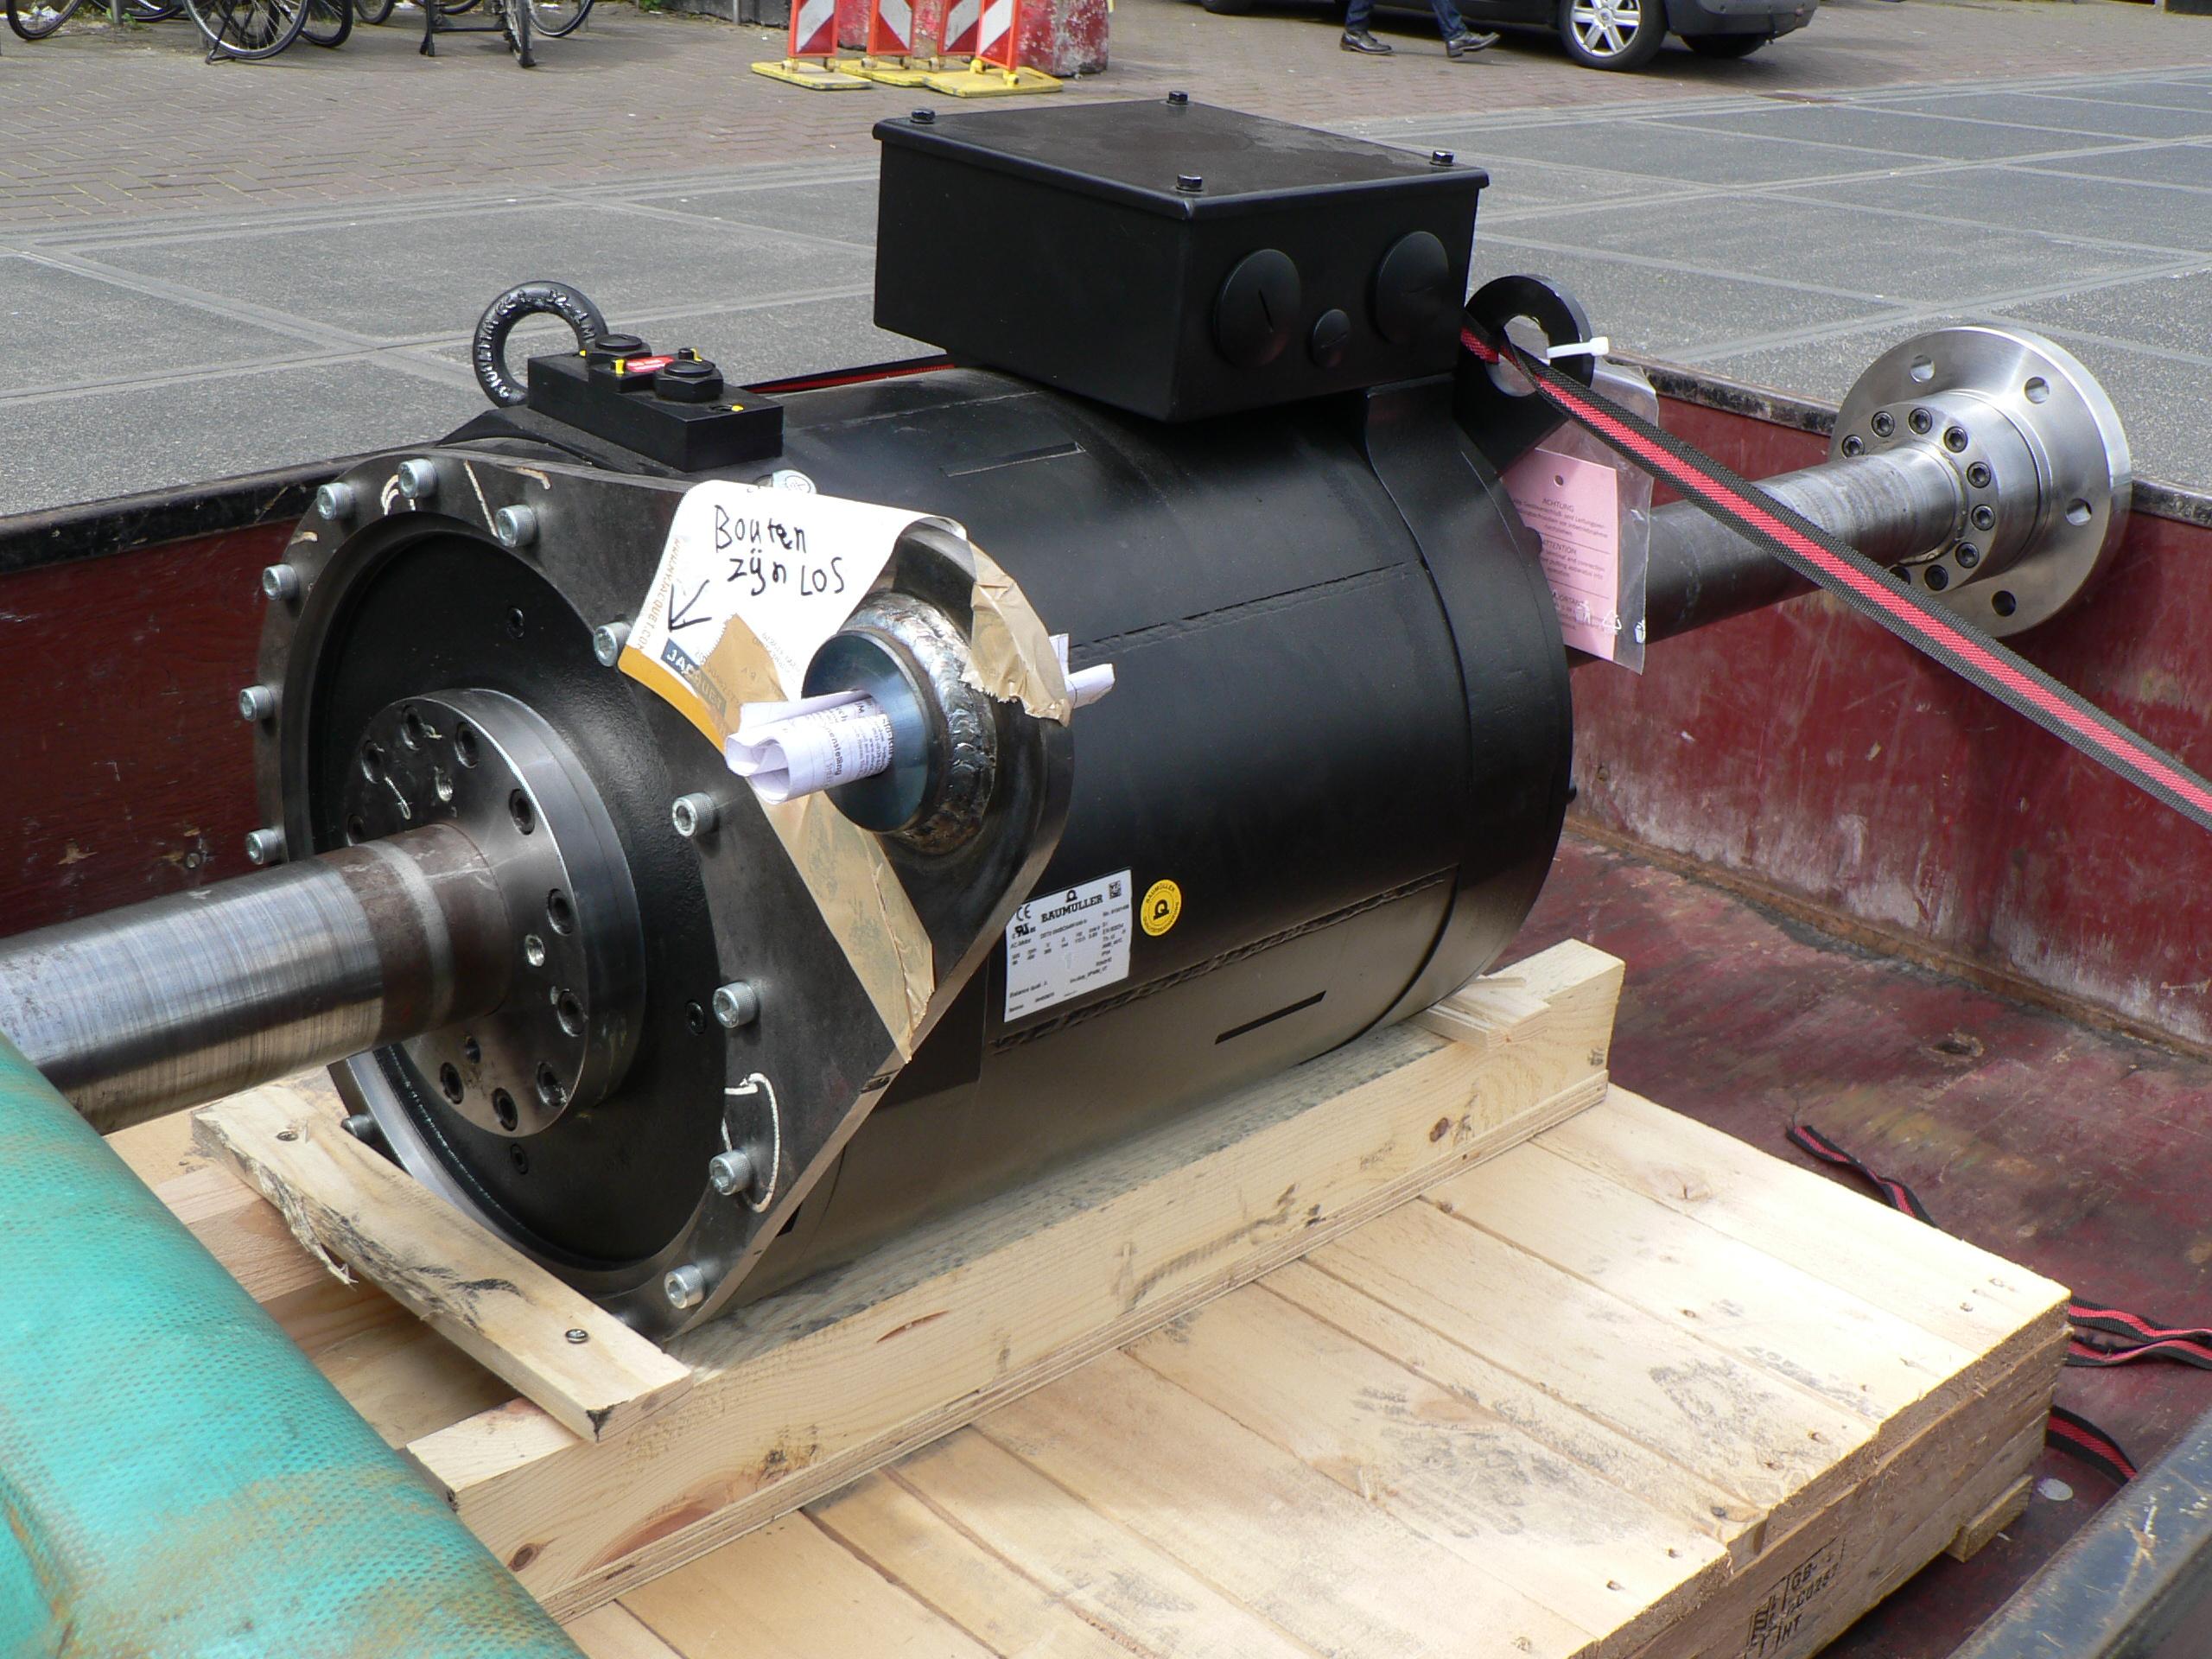 de motor gemonteerd op de as